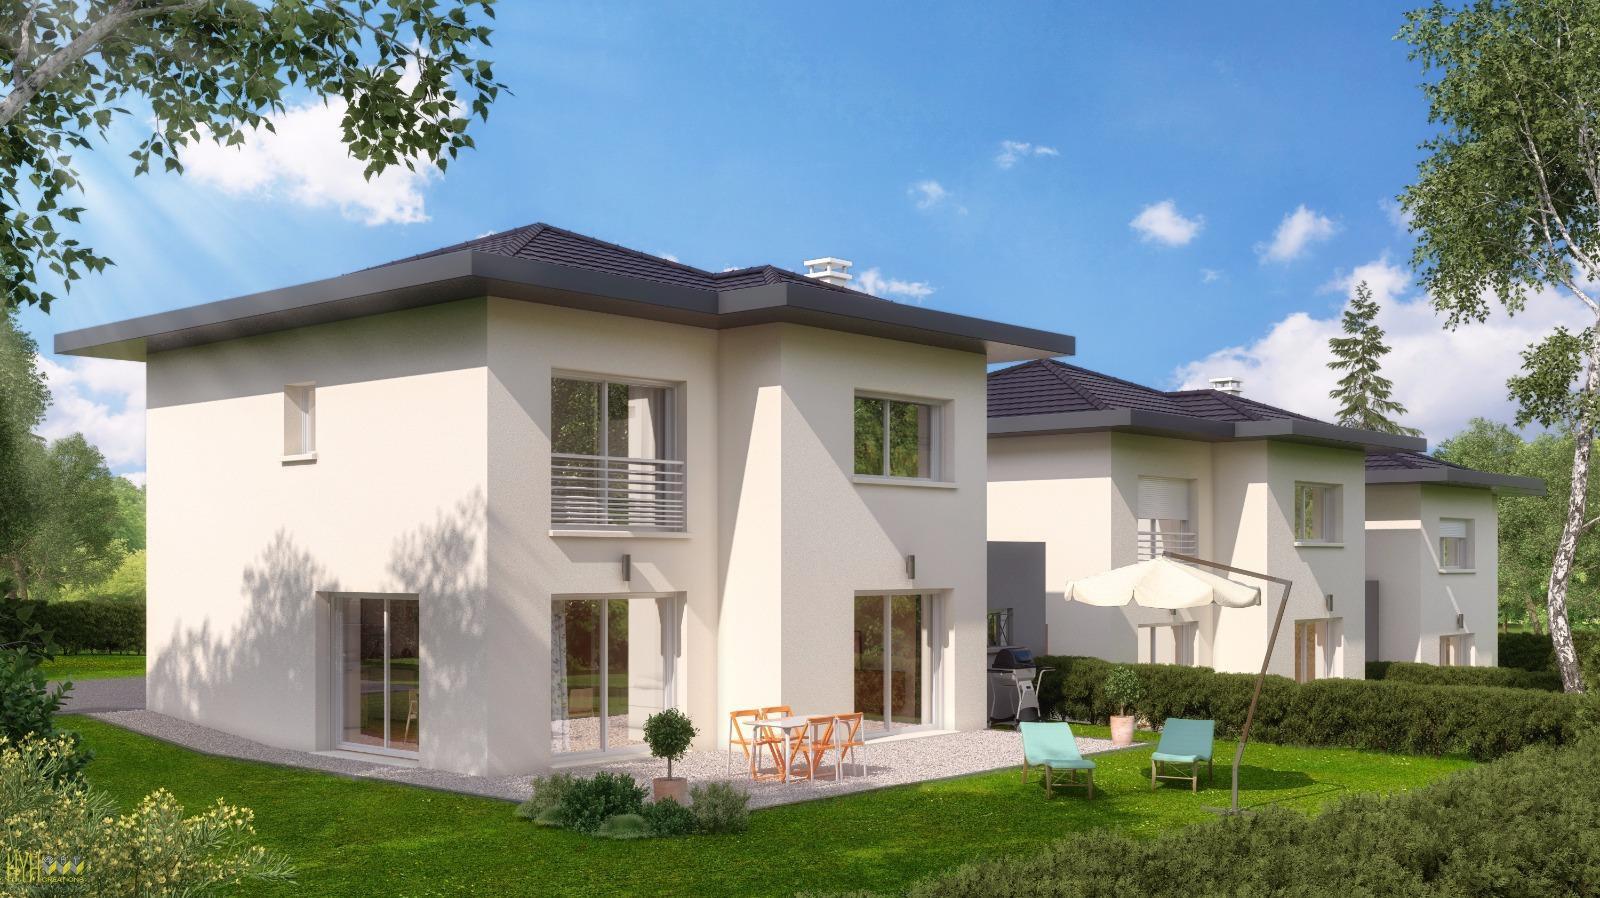 V710  vieugy maison jumelée de 130 m2